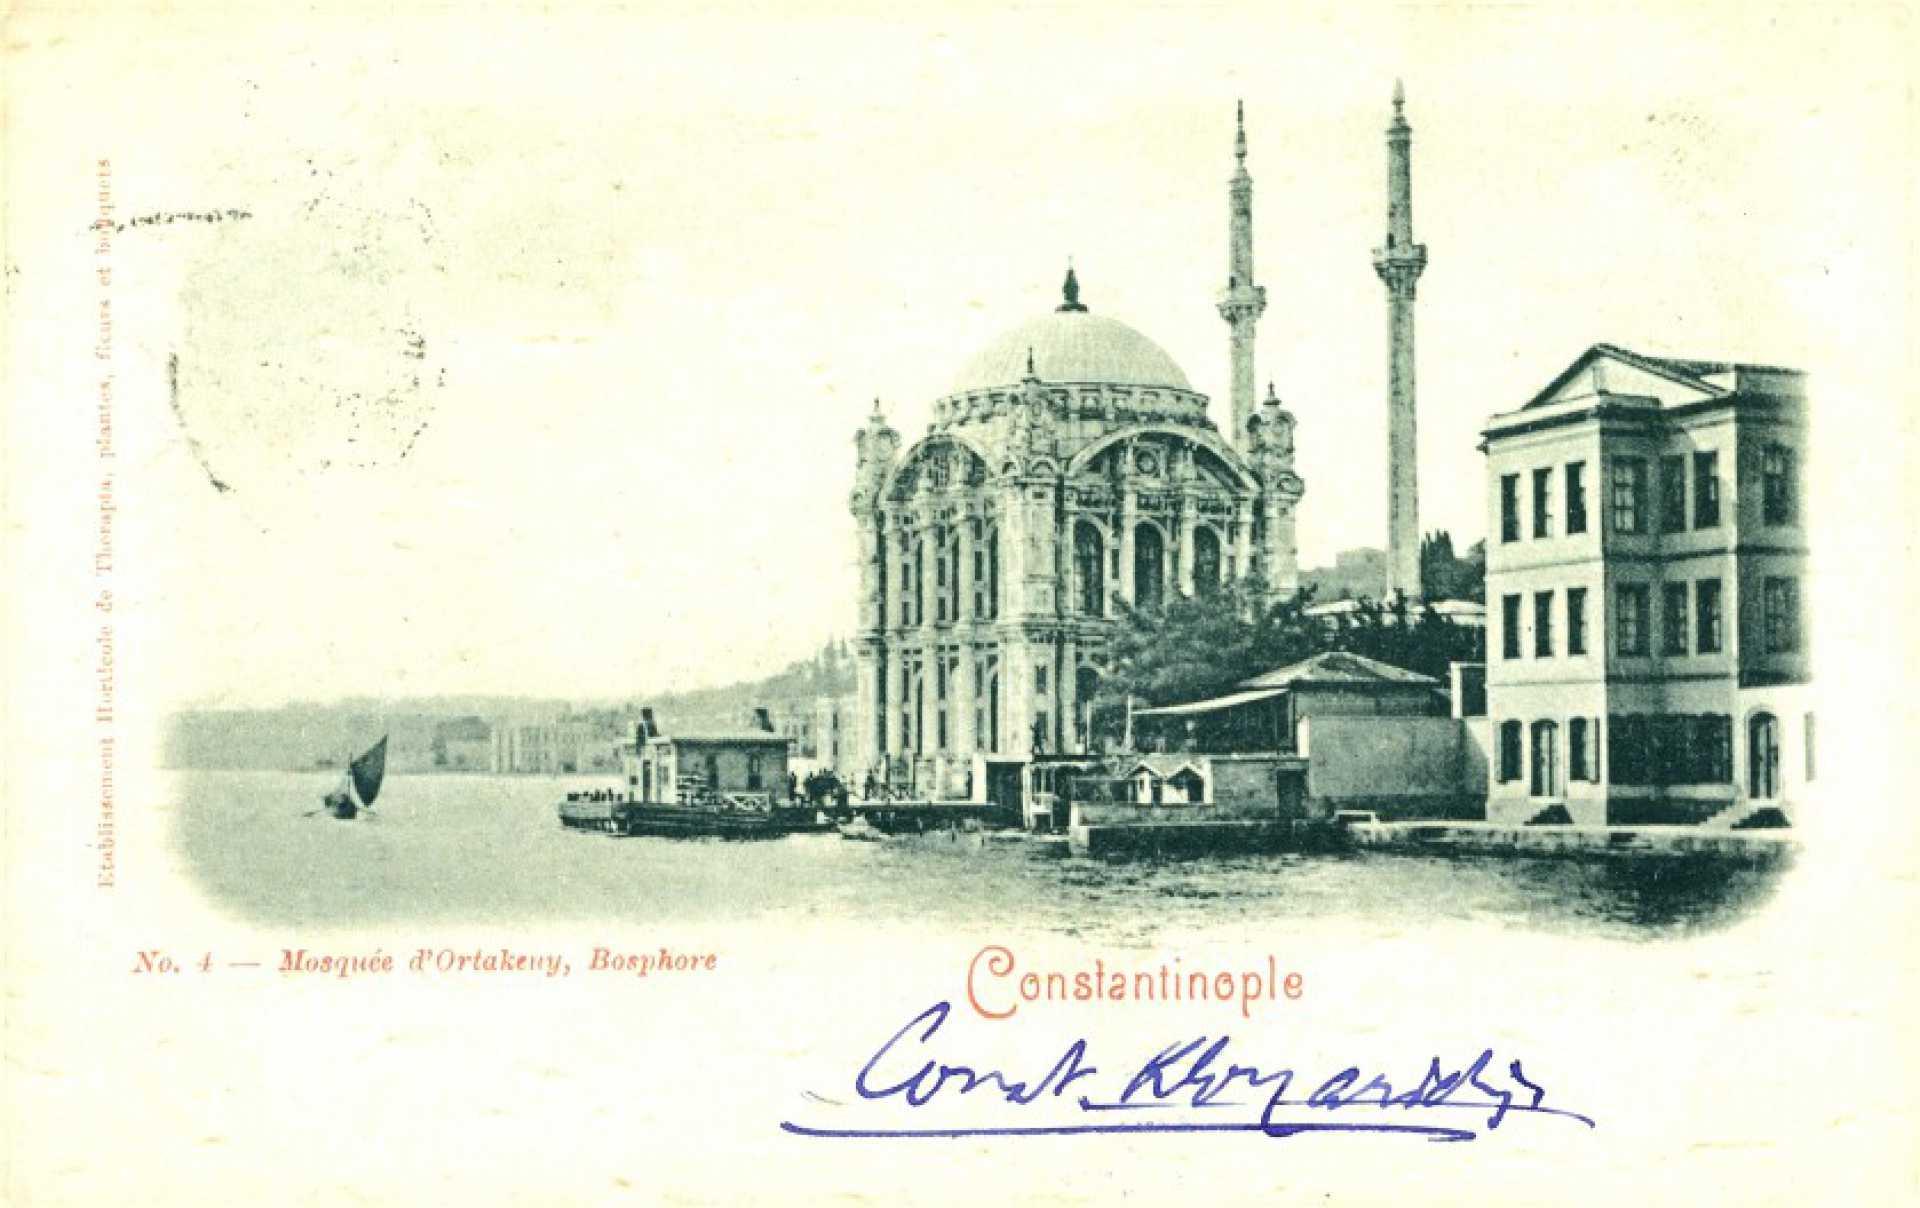 Mosquee d'Ortakeny. Nosphore Constantinople